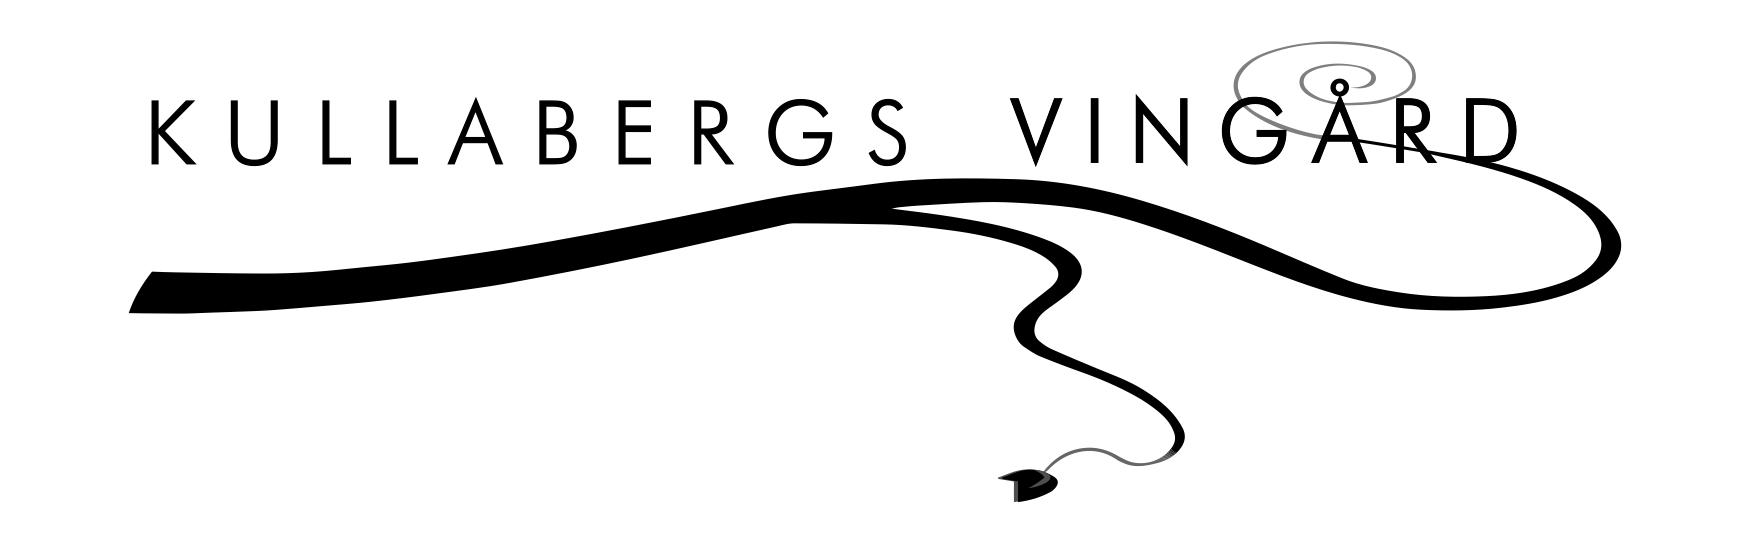 Kullabergsvingårdlogo.png